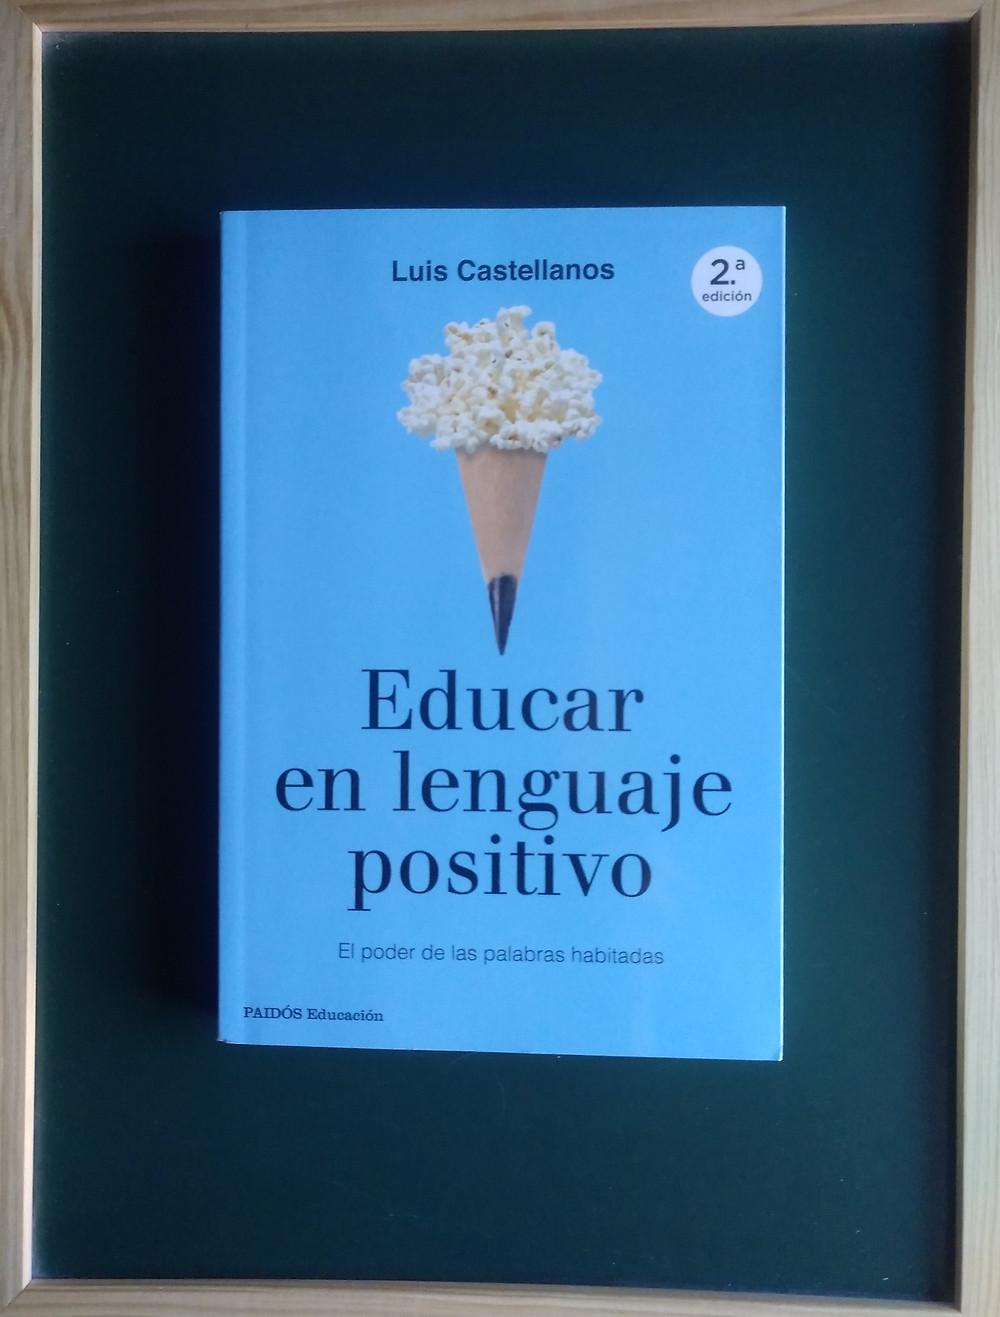 Educar en lenguaje positivo. El poder de las palabras habitadas. Paidós Educación. Madrid. 2018.